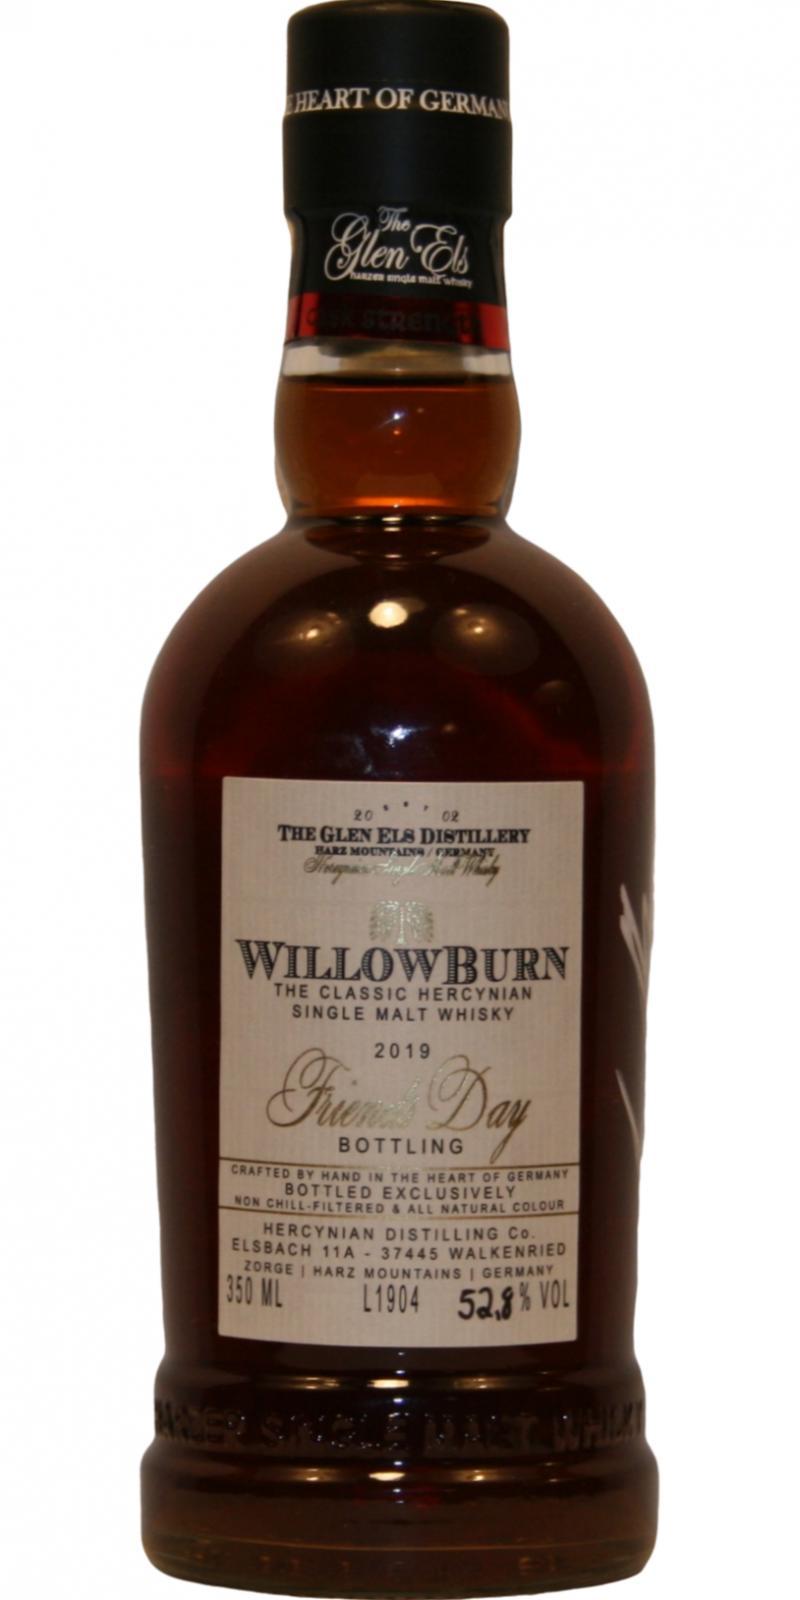 WillowBurn Friends Day Bottling 2019